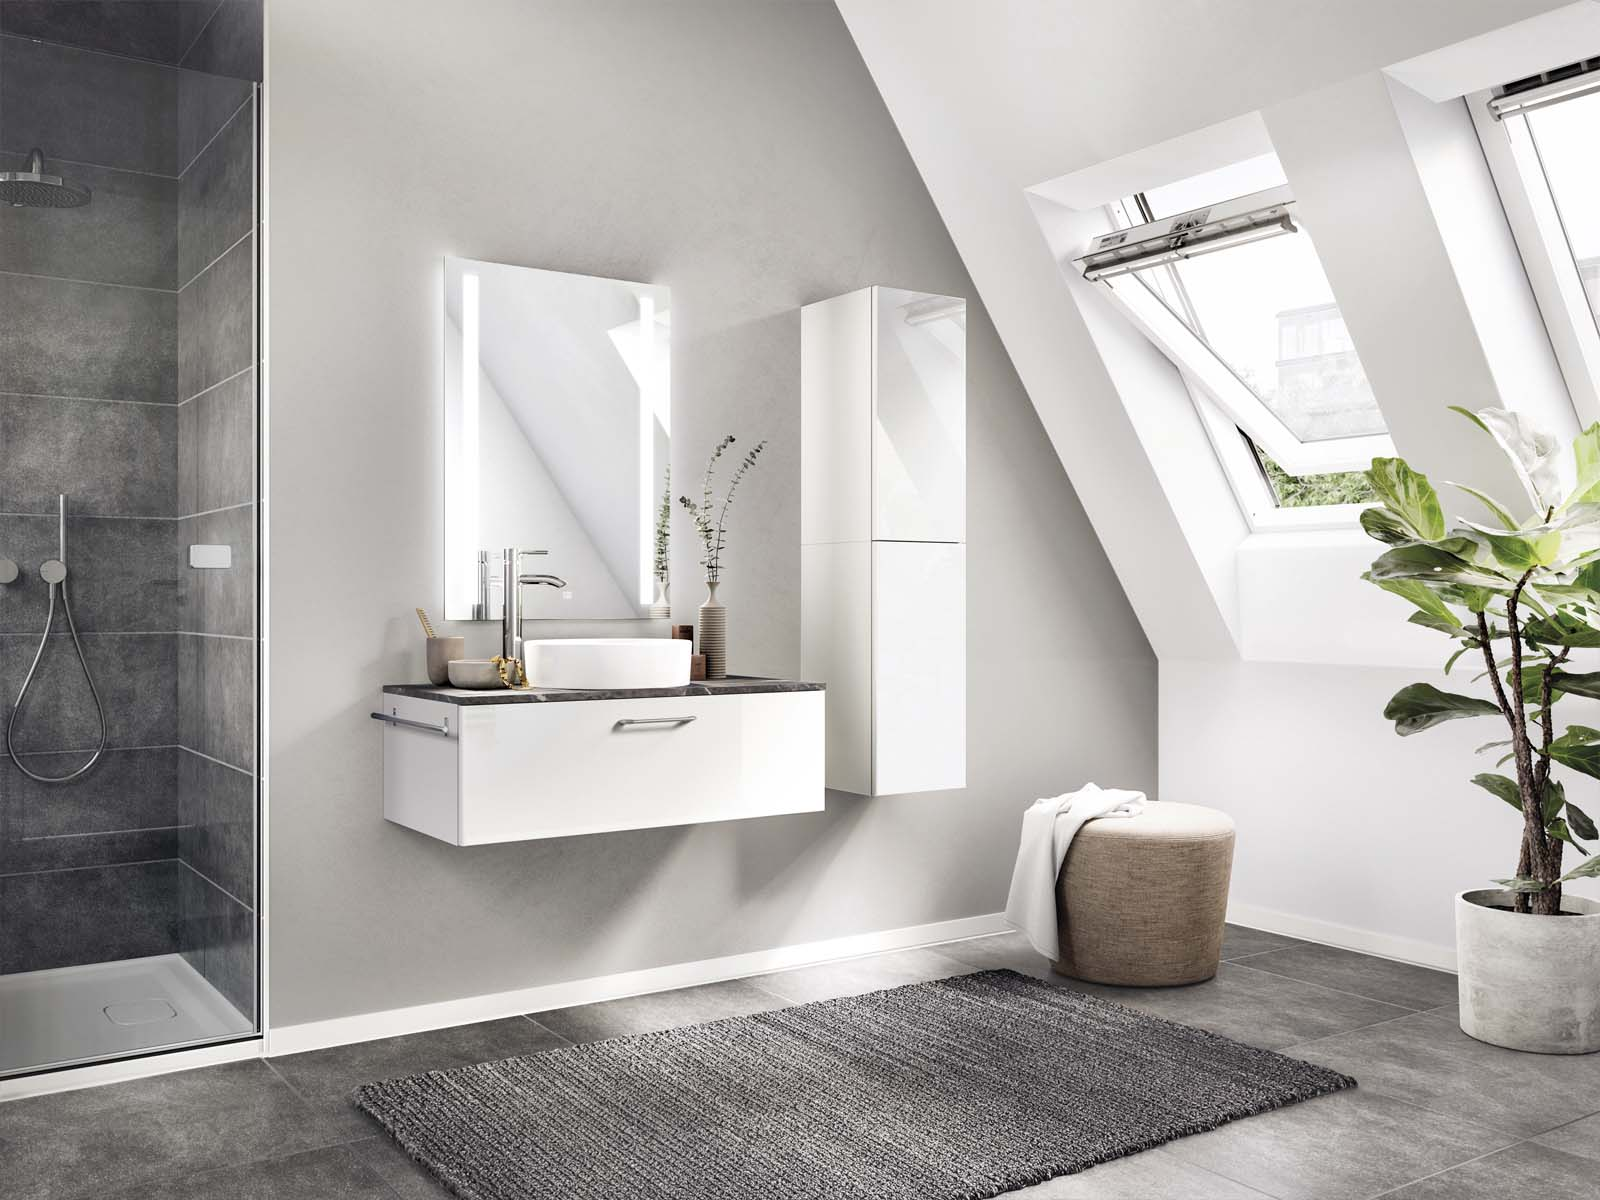 Küchentime Lux 819 - Bathroom